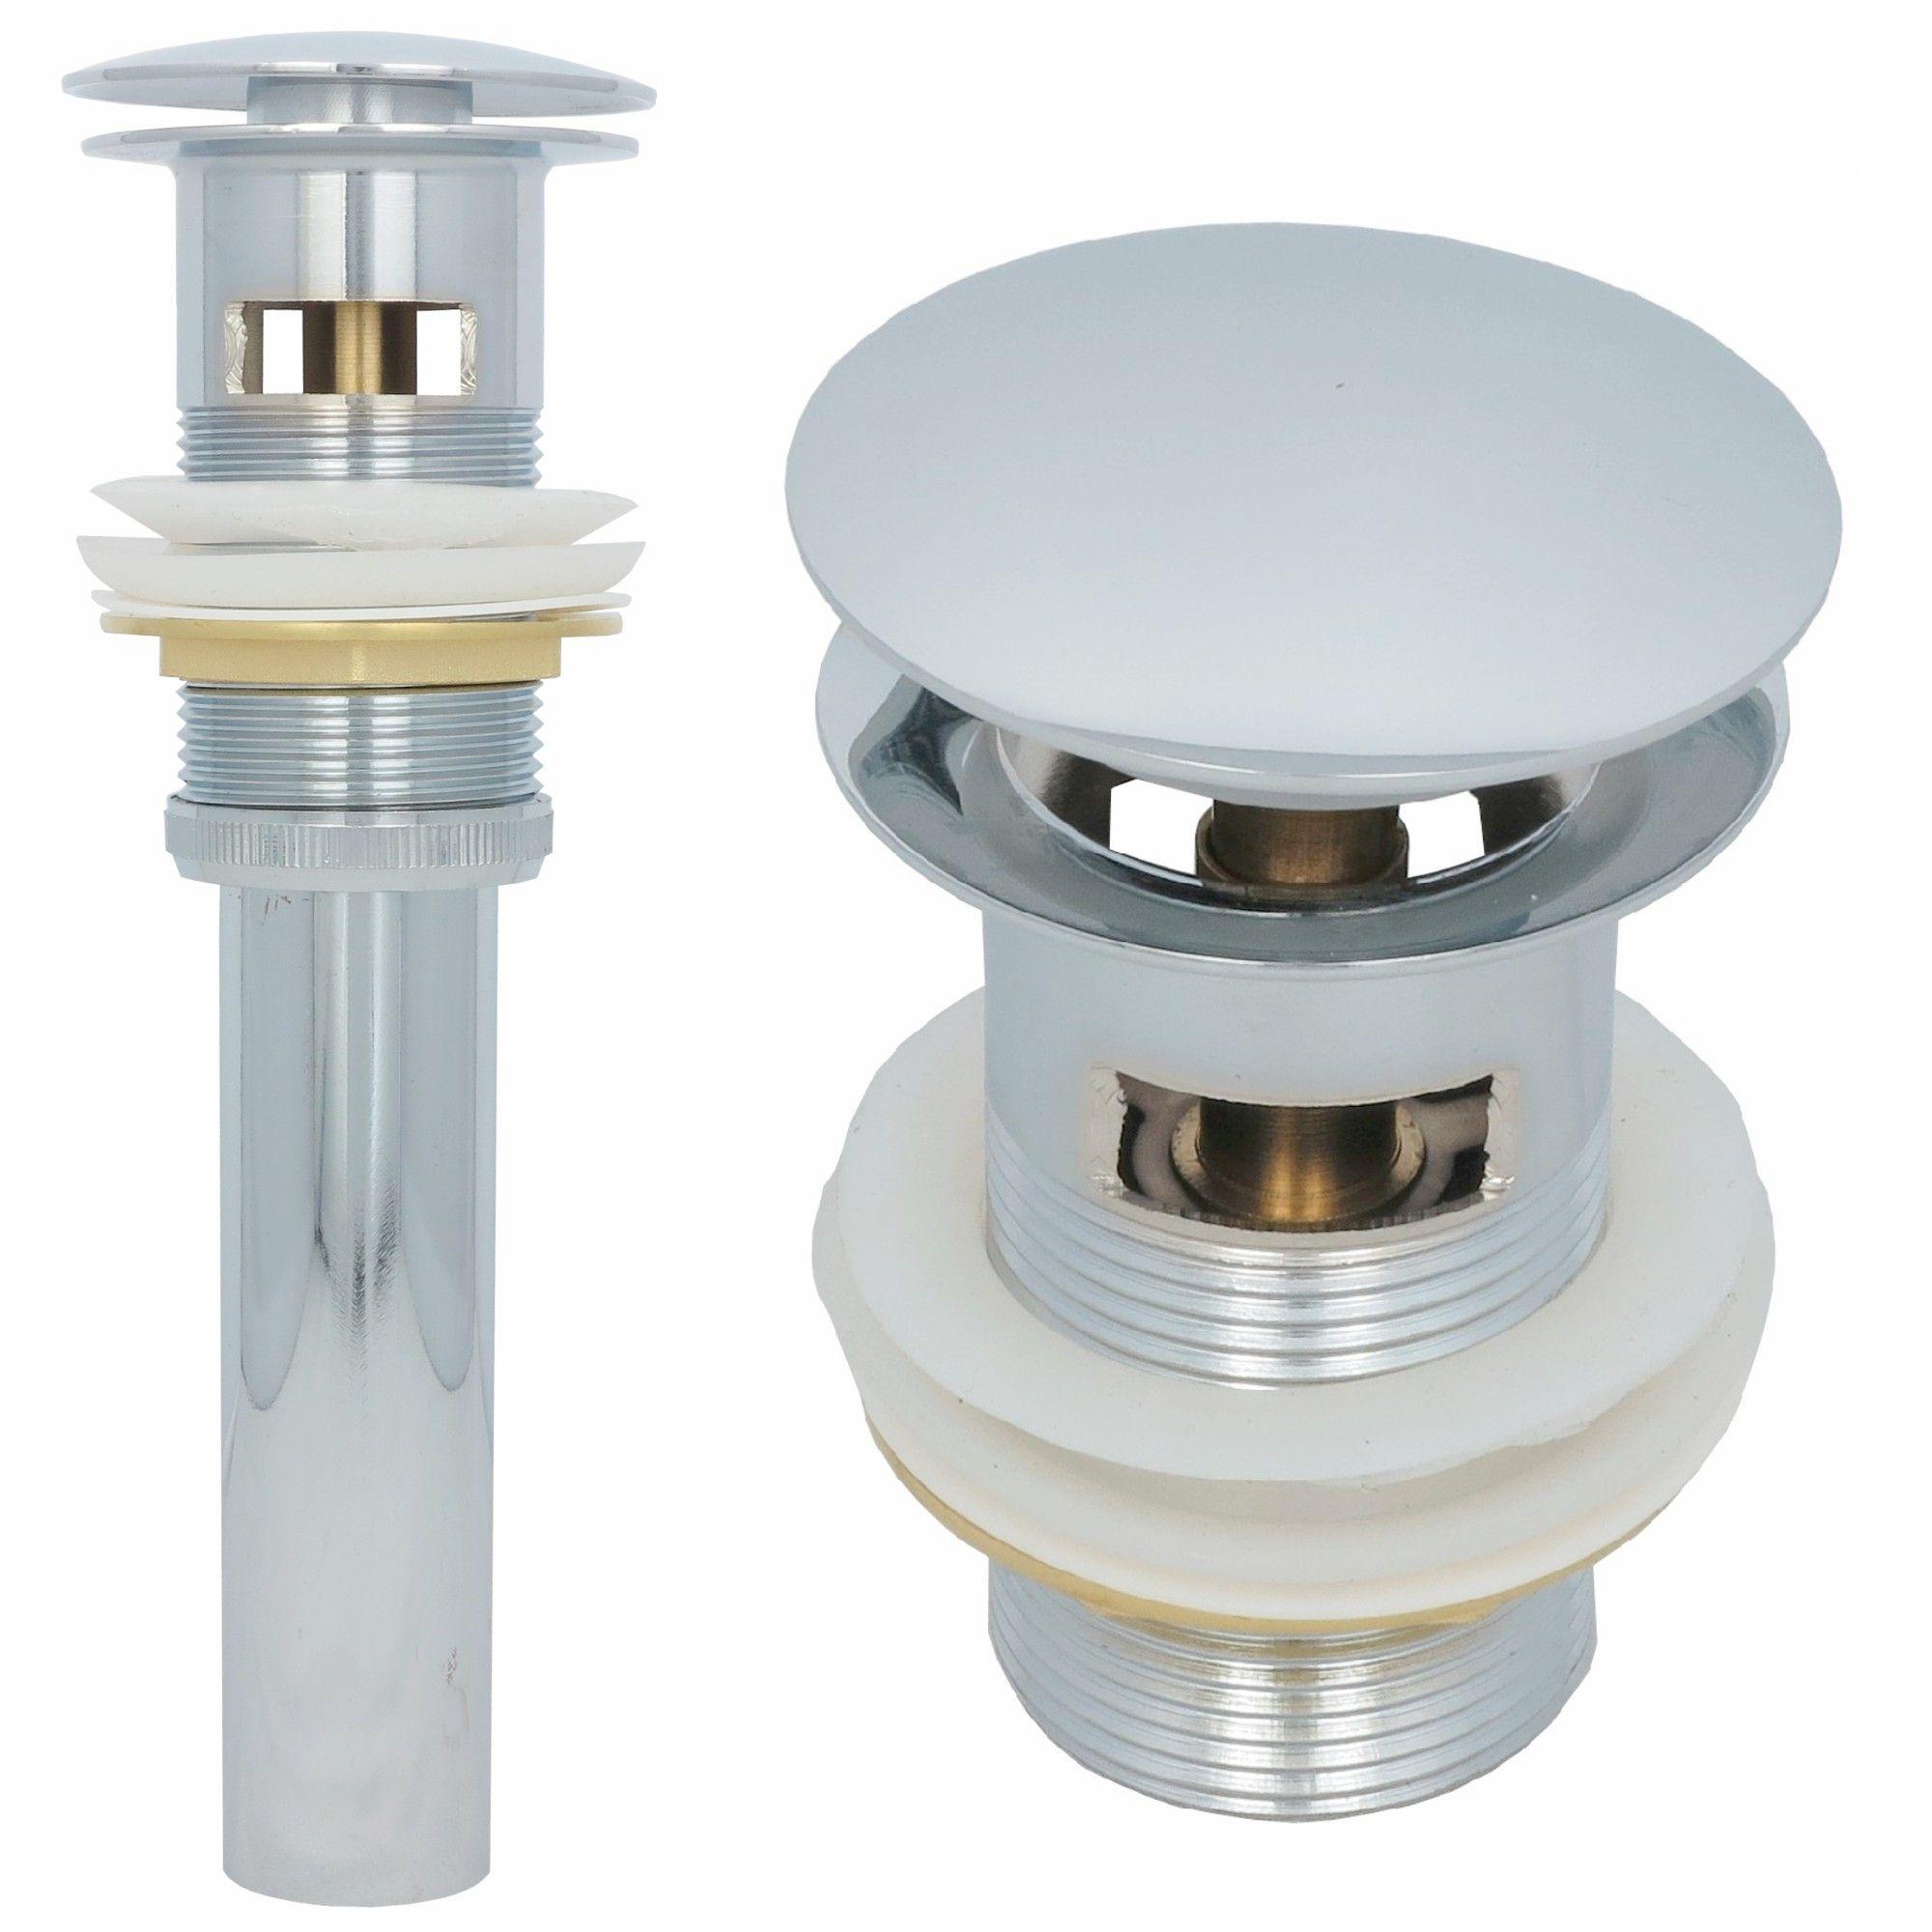 Ablaufventil Pop Up Ablaufgarnitur mit Überlauf Ablauf Abfluss für Waschbecken